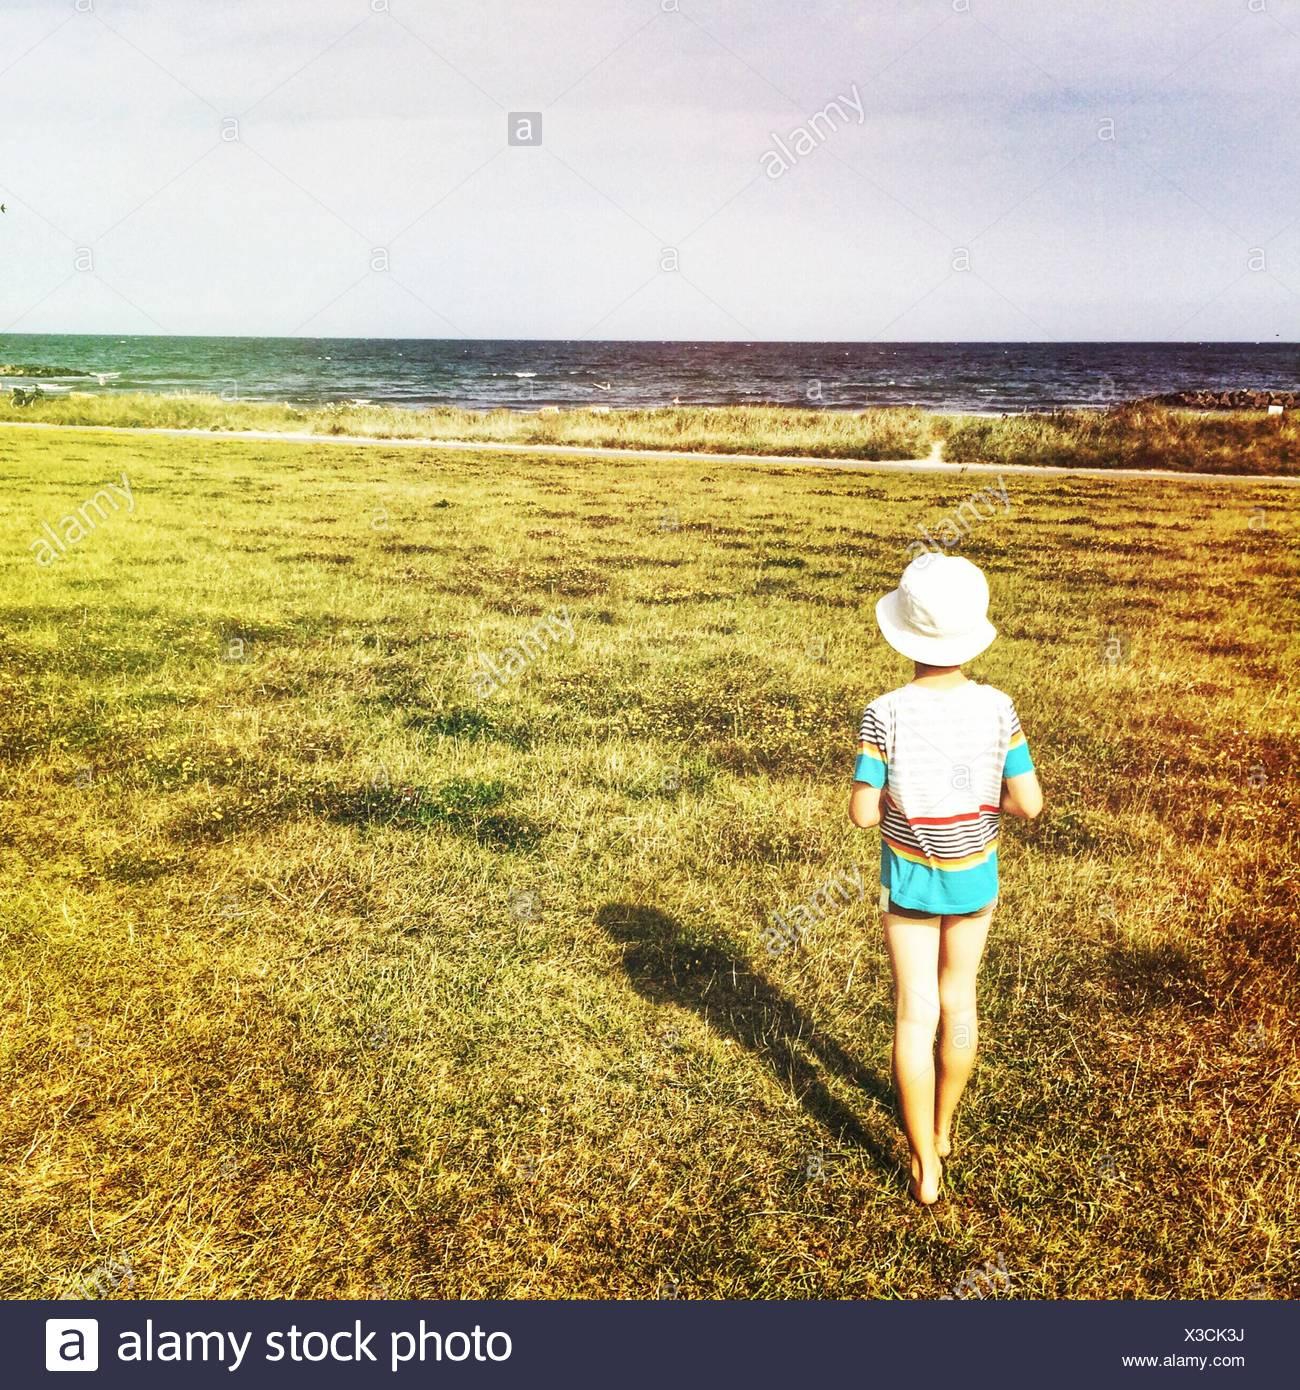 Vista posteriore di un bambino in piedi sull'erba guardando a una vista Immagini Stock